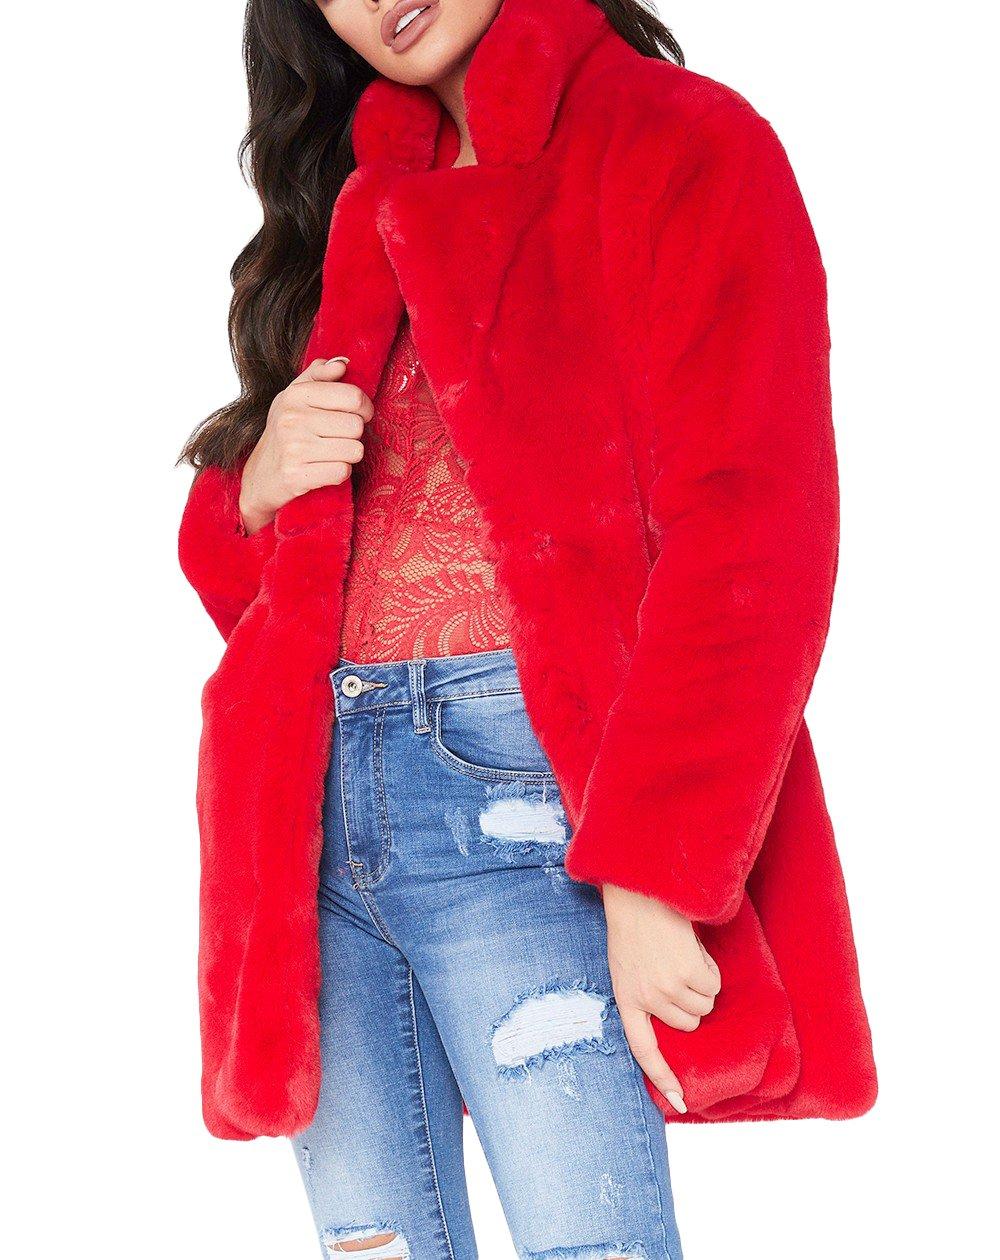 Remelon Womens Long Sleeve Winter Warm Lapel Fox Faux Fur Coat Jacket Overcoat Outwear with Pockets Red XXL